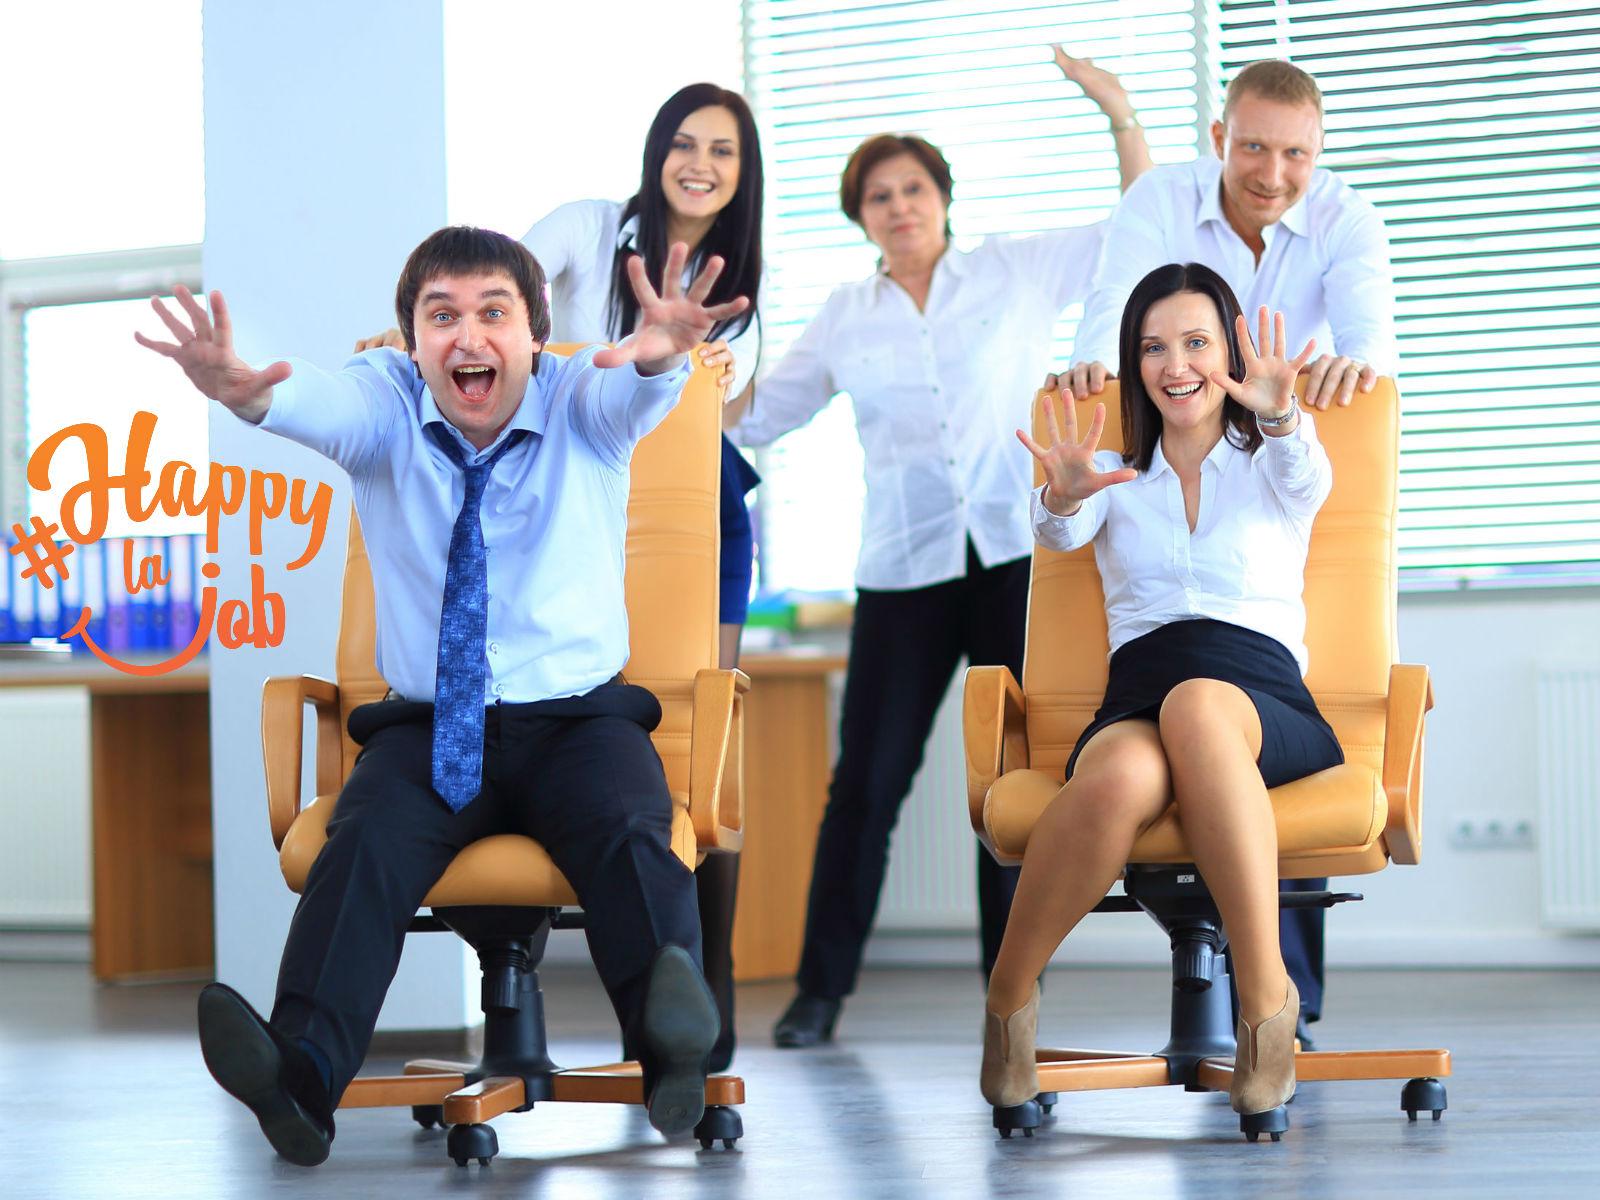 Topul celor mai happy domenii de lucru